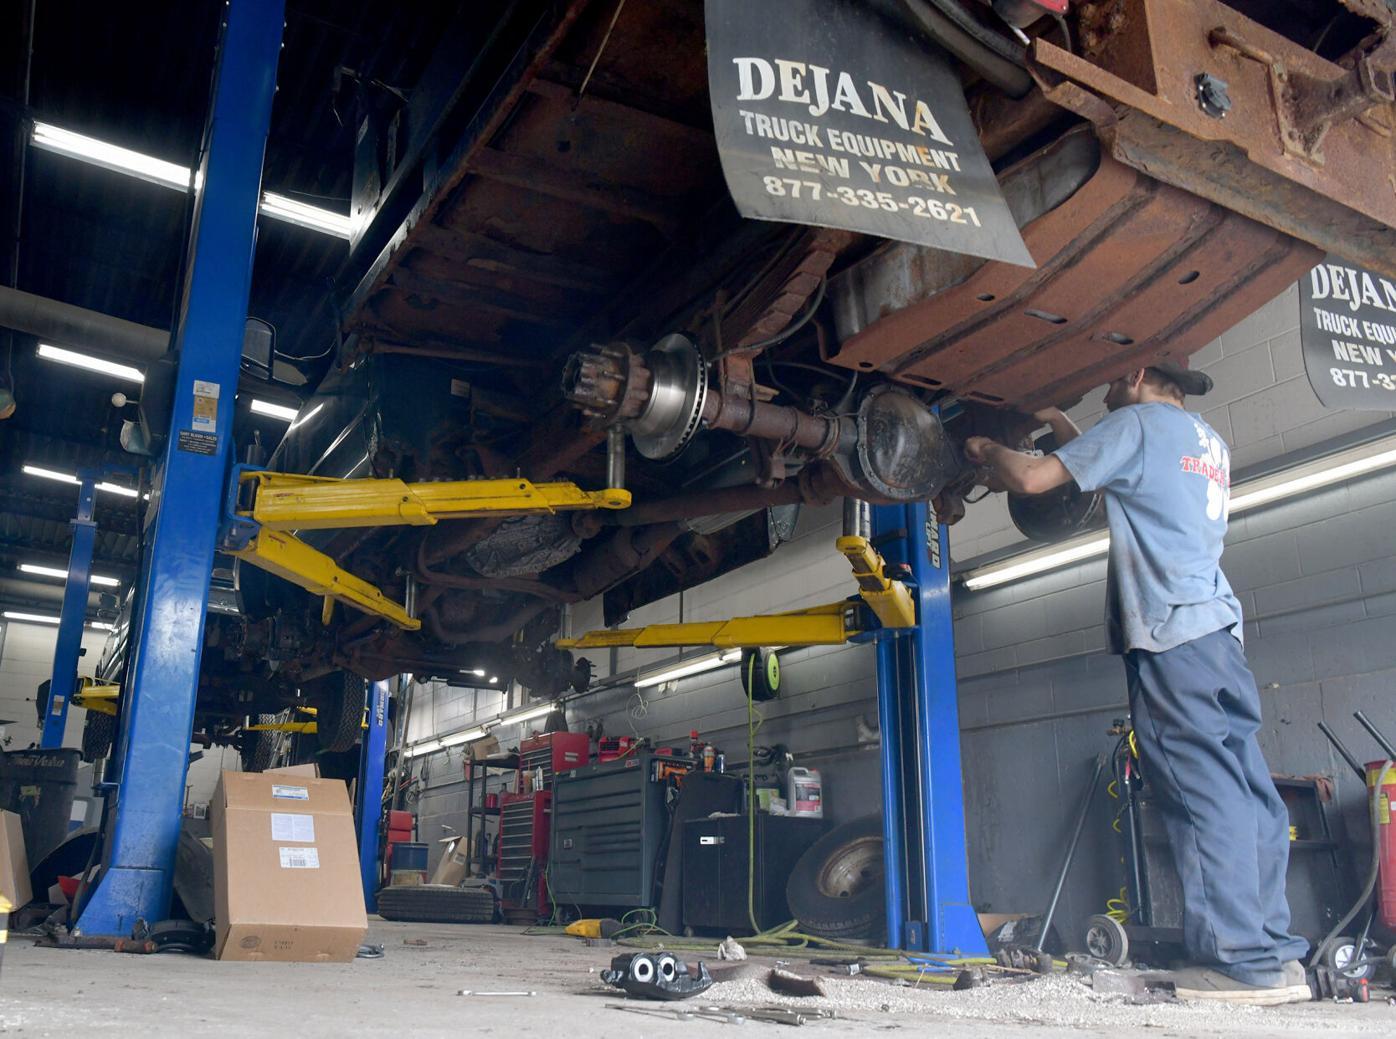 080521 VE Car Repairs 08.jpg